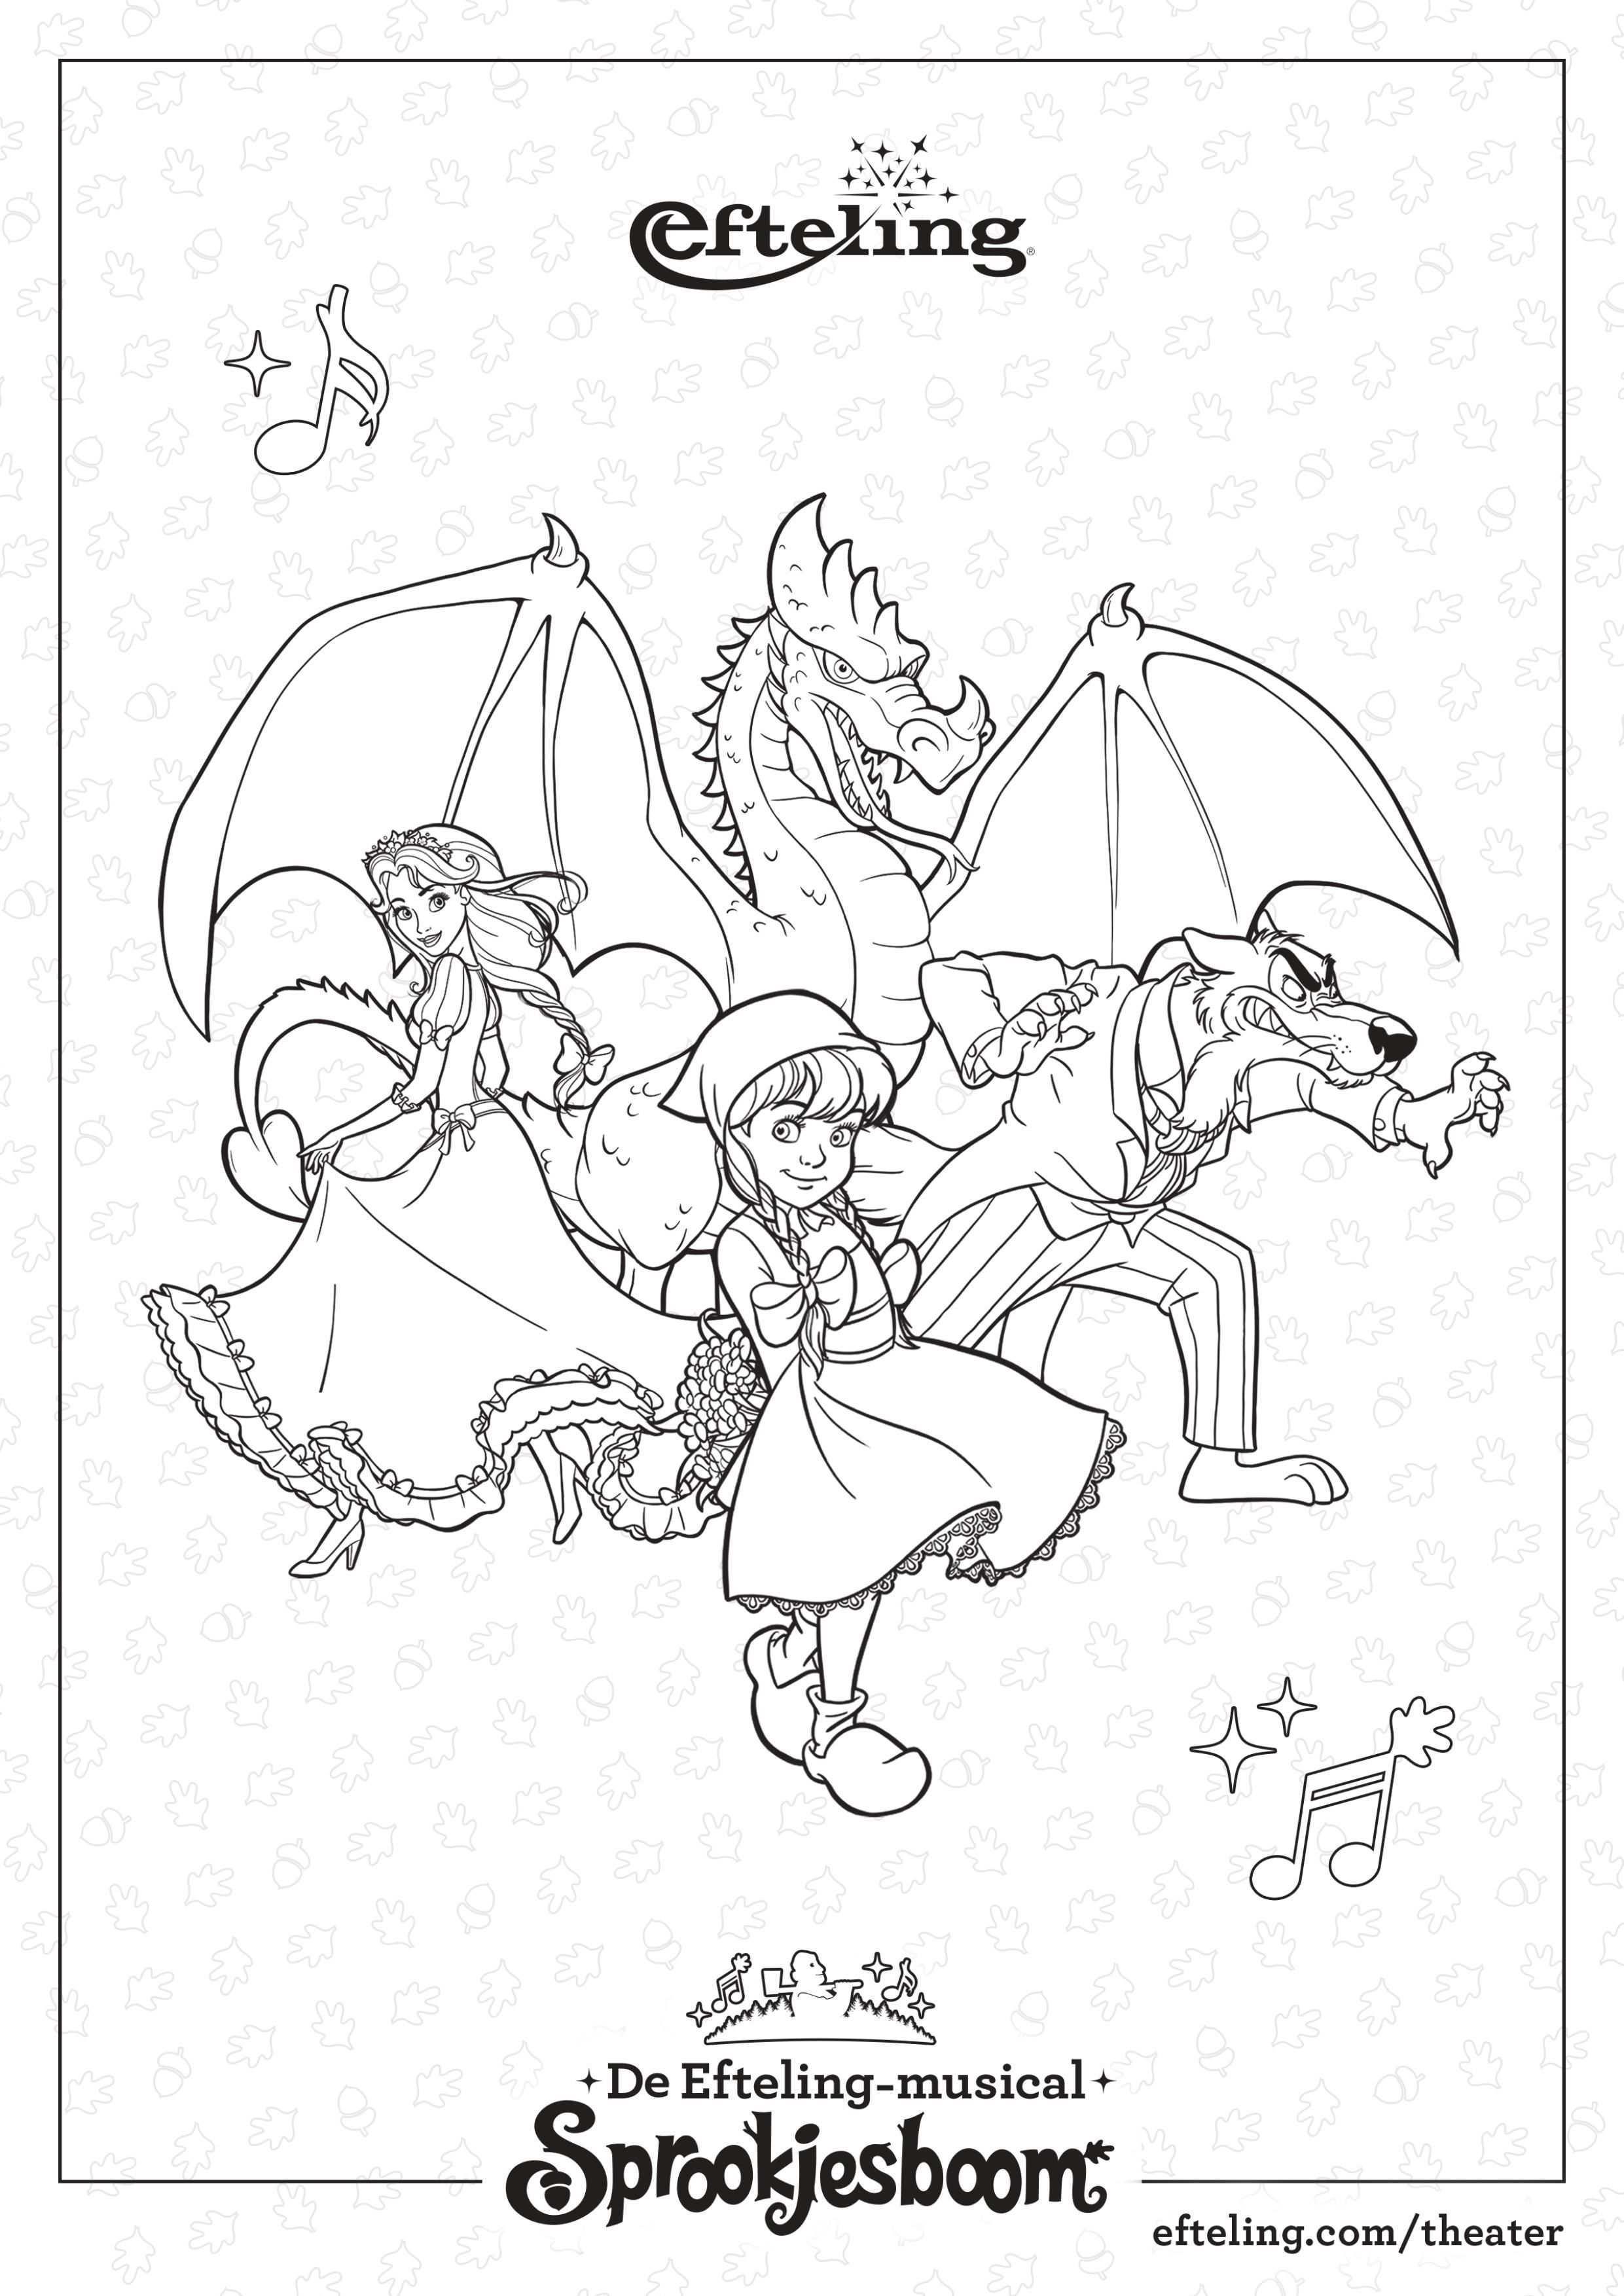 Efteling Kleurplaat Sprookjesboom De Musical Kleurplaten Sprookjesboom Sprookjes